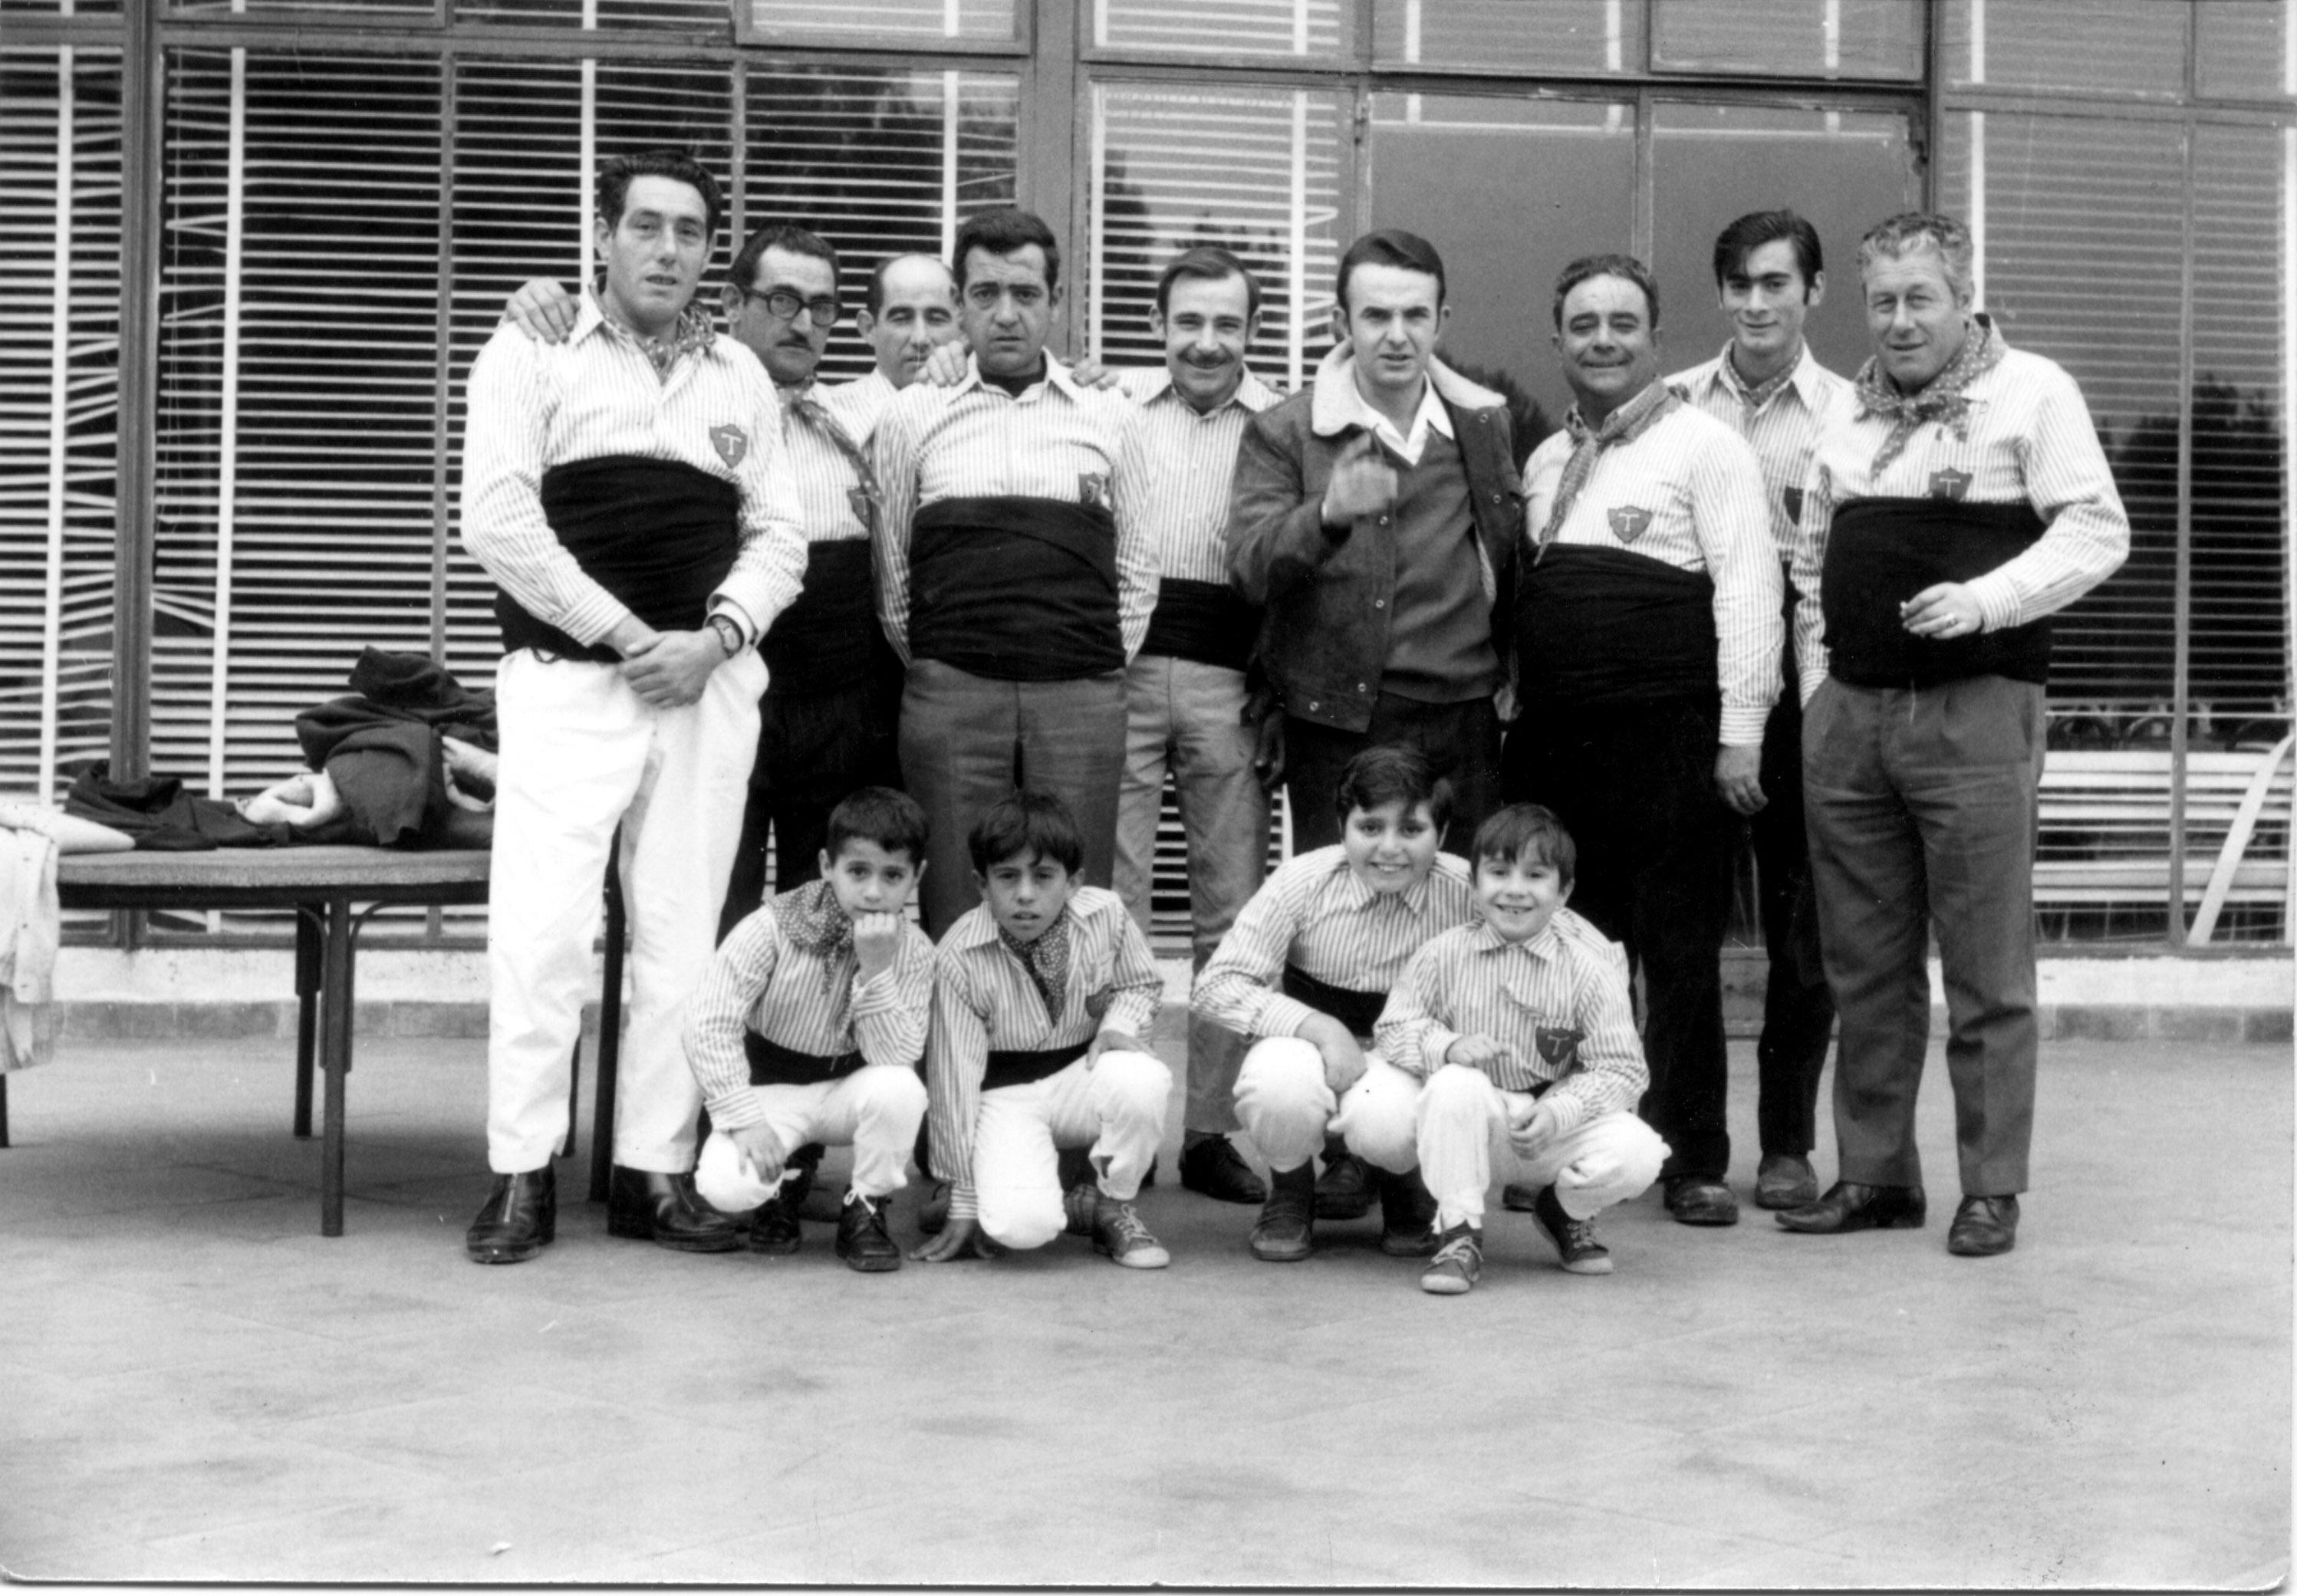 Quico-Pino-segon-de-genolls-per-lesquerre.-Foto-indeterminada-al-1970.-Autor-desconegut.-Arxiu-Xiquets-de-Tarragona